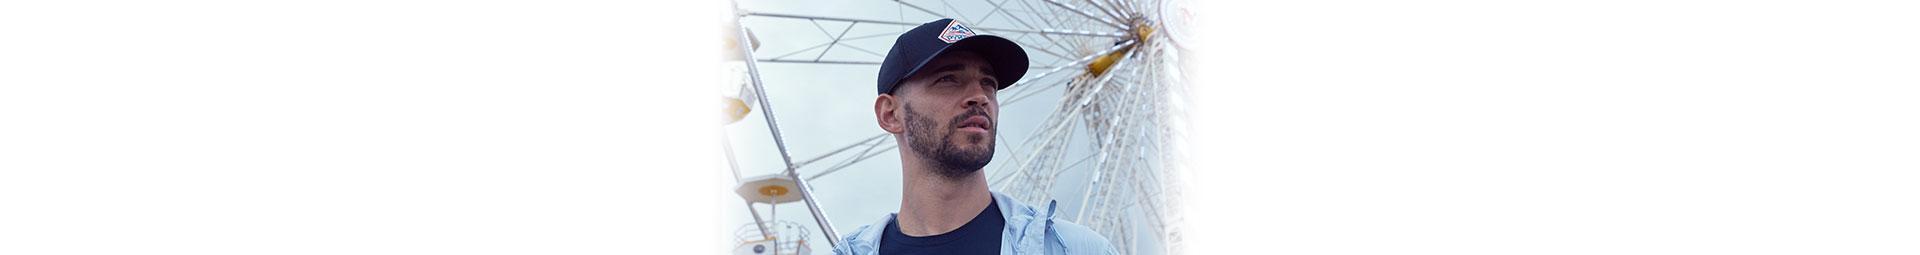 Collection mode homme Pyrenex : Doudounes, Parkas et Coupe-vent de tendance pour hommes.